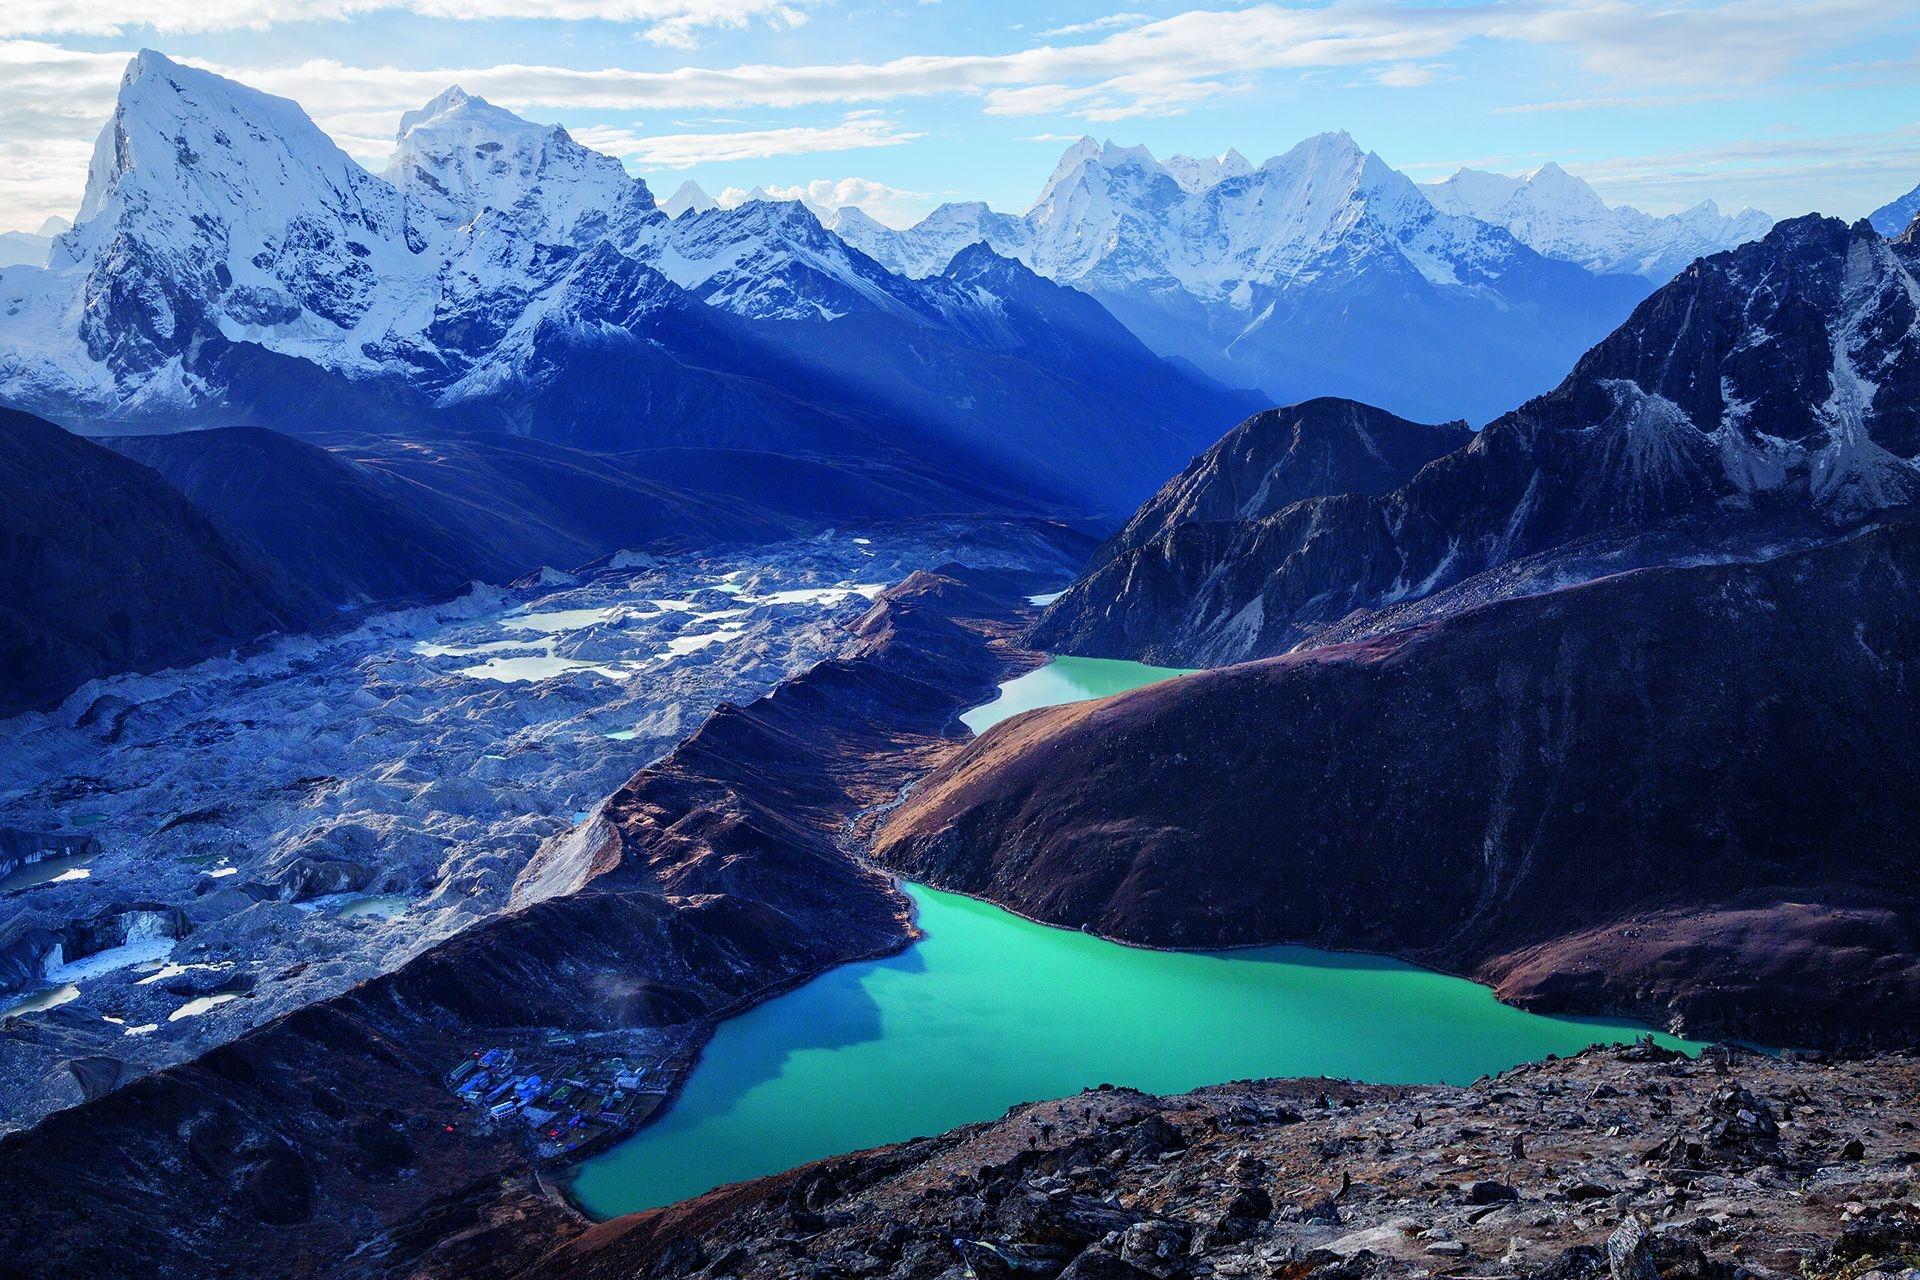 墎其爾村坐落於部分水源來自尼泊爾果宗巴冰川的一座湖邊。雖然這座村落並沒有立即的淹水危險,但冰川湖泊水位上升,已對喜馬拉雅地區的其他村落造成威脅。GETTY IMAGES/FENG WEI PHOTOGRAPHY